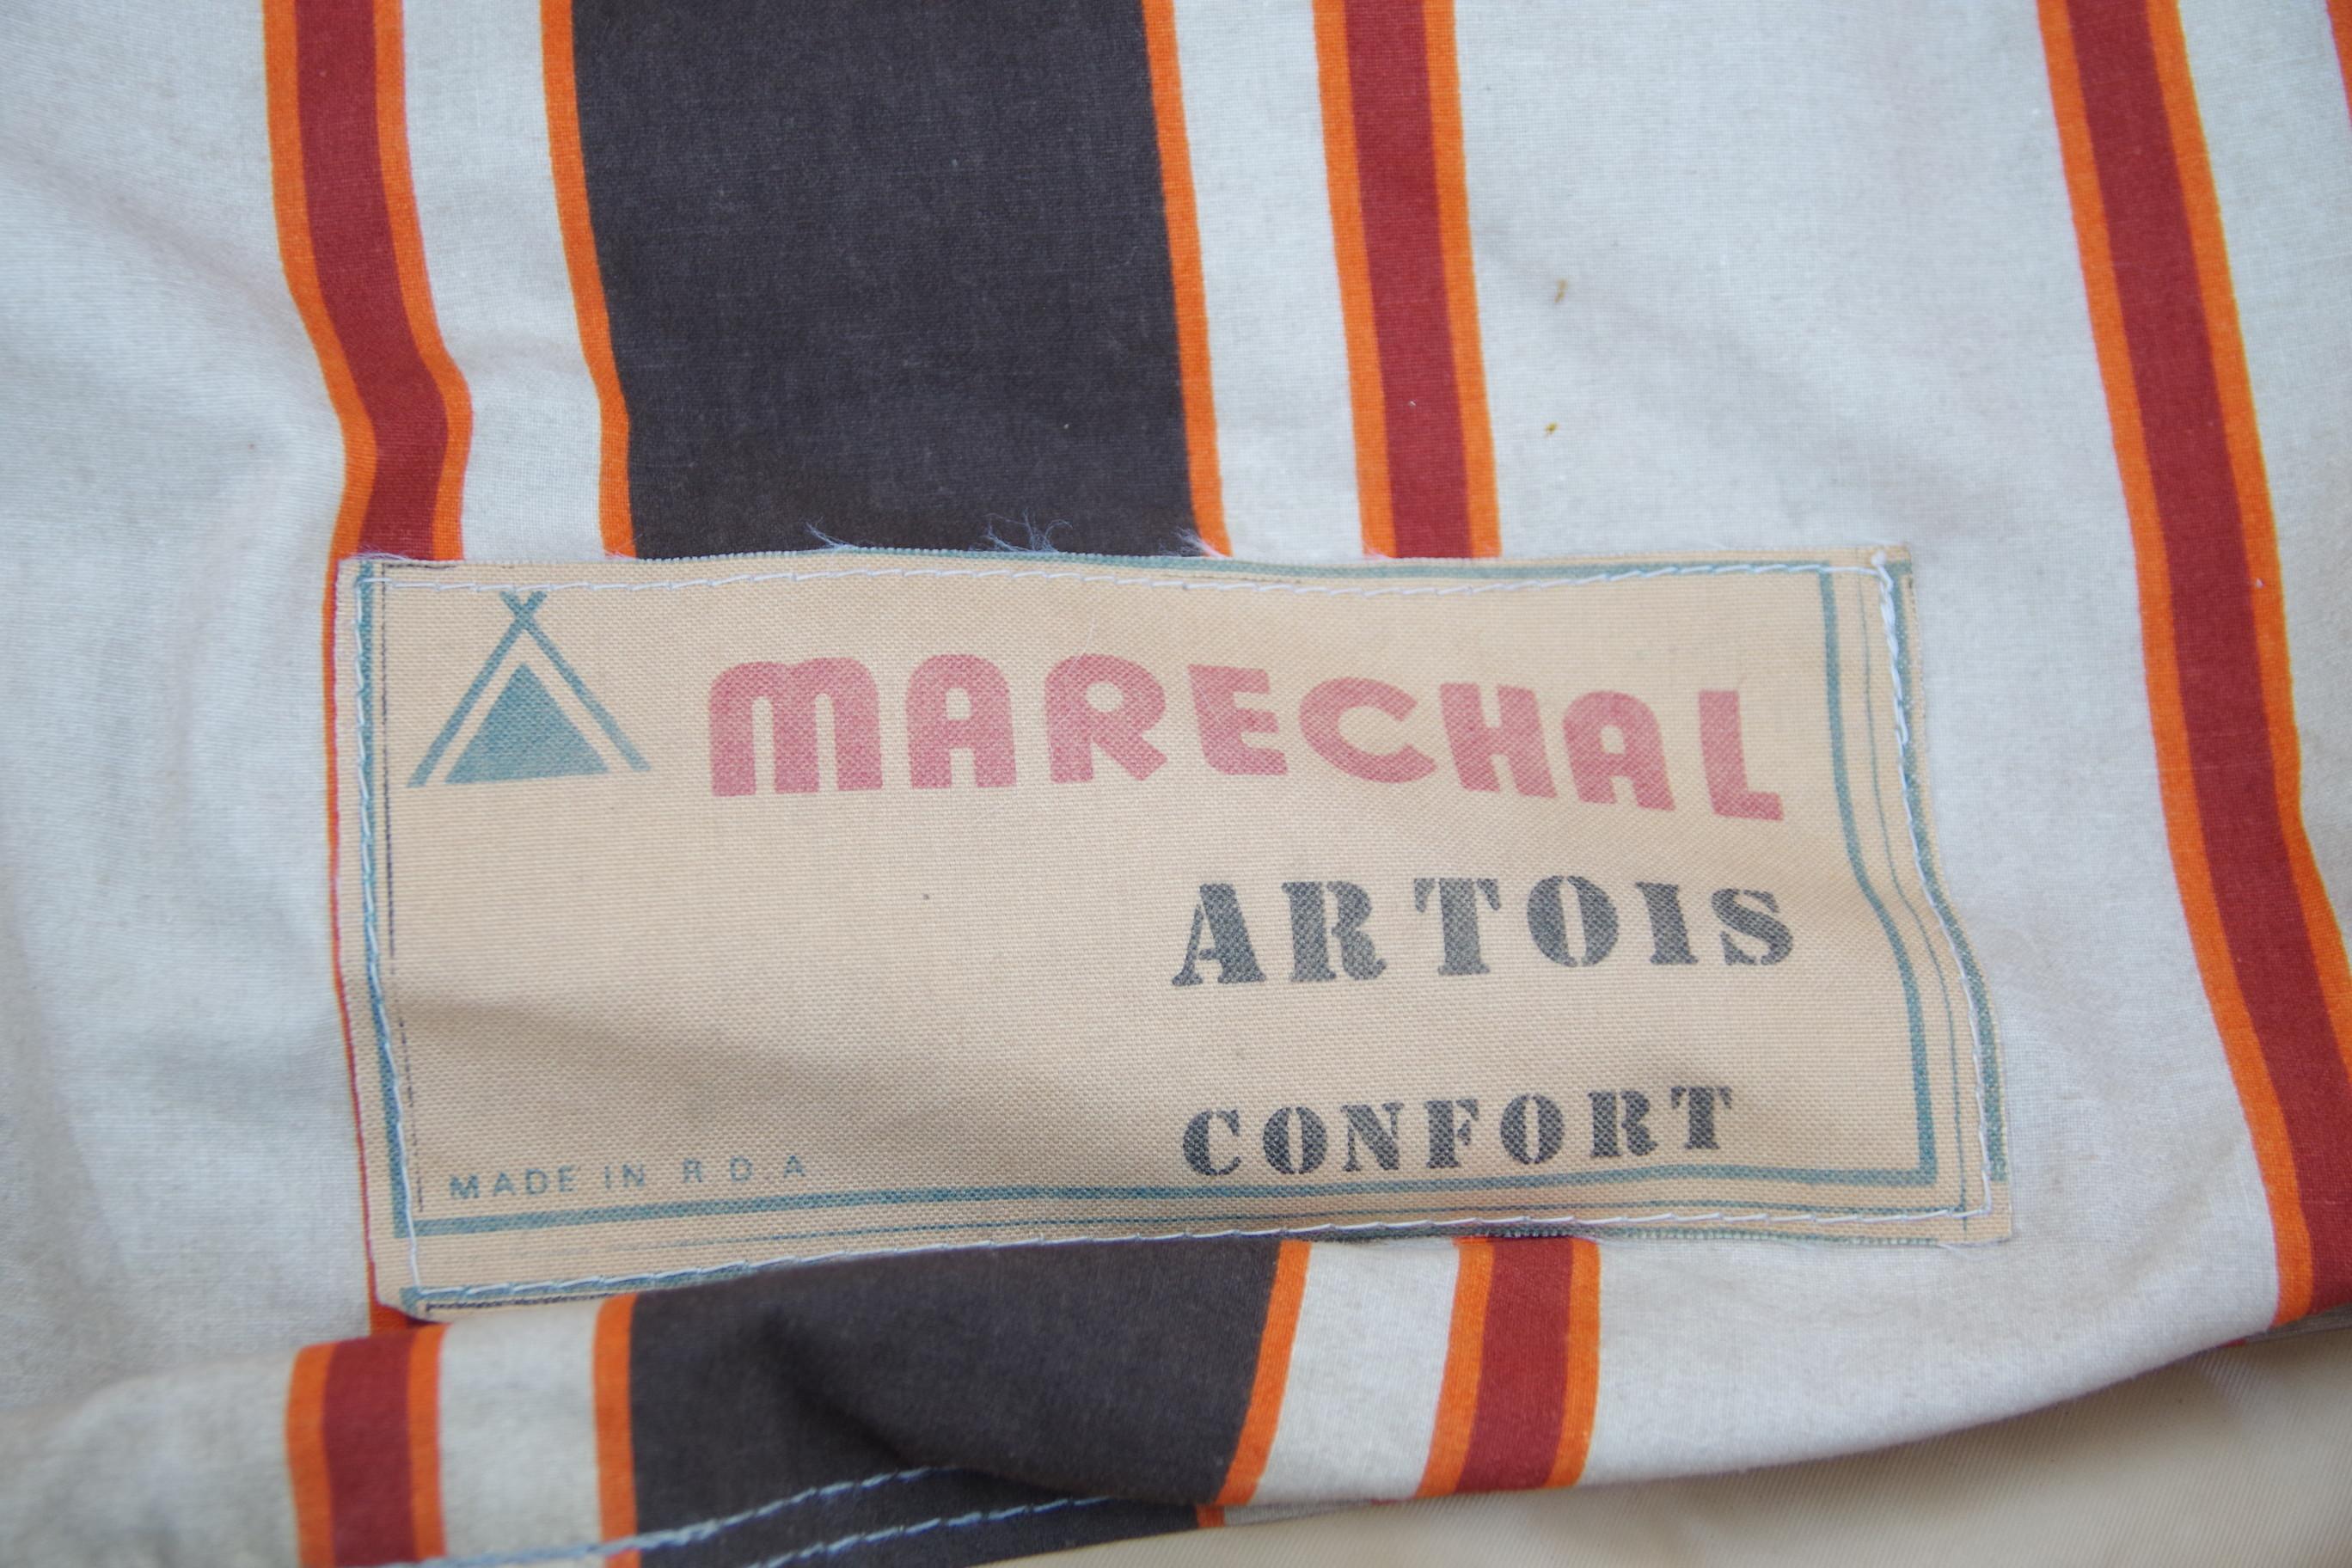 マルシャル MARECHAL アルトワコンフォール 3~4人用 美品